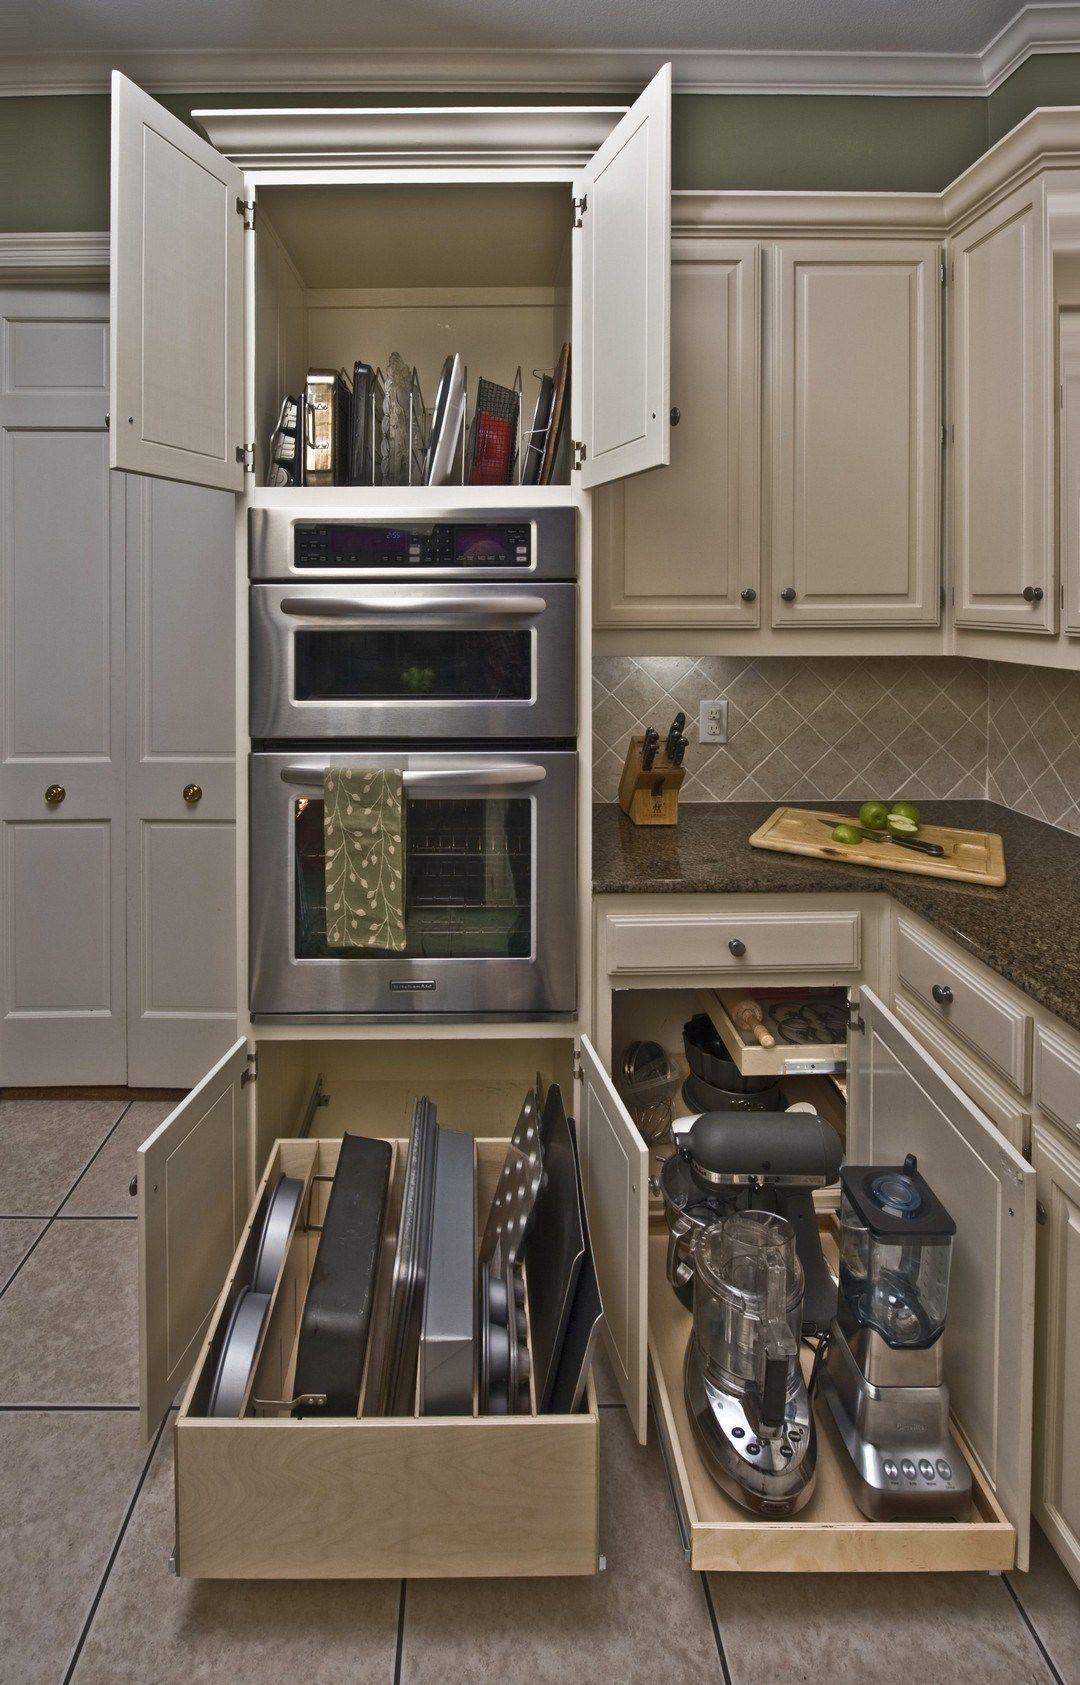 cabinet storage organization ideas for new kitchen kitchen cabinet design best kitchen on kitchen island ideas organization id=20872